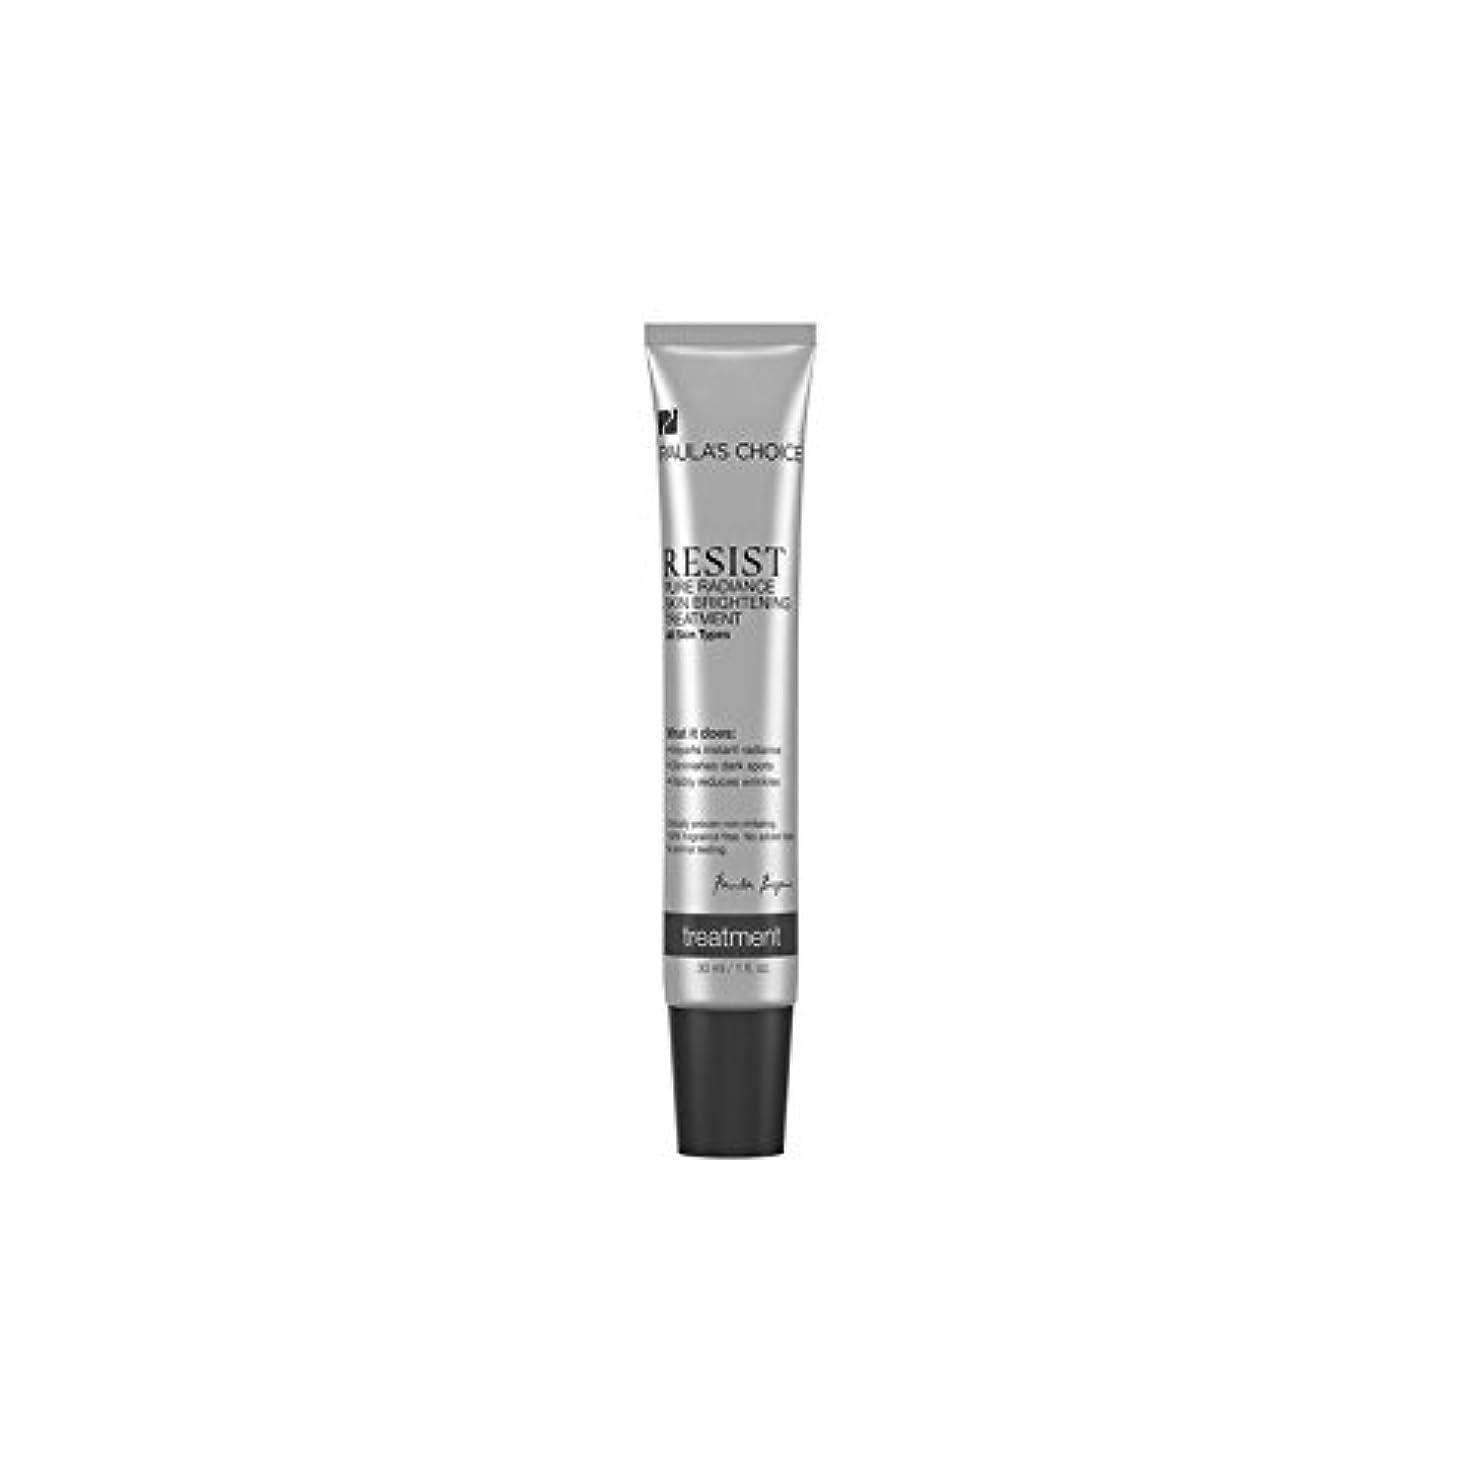 敵テレマコス始めるポーラチョイスは純粋な輝き肌ブライトニングトリートメント(30ミリリットル)を抵抗します x4 - Paula's Choice Resist Pure Radiance Skin Brightening Treatment...